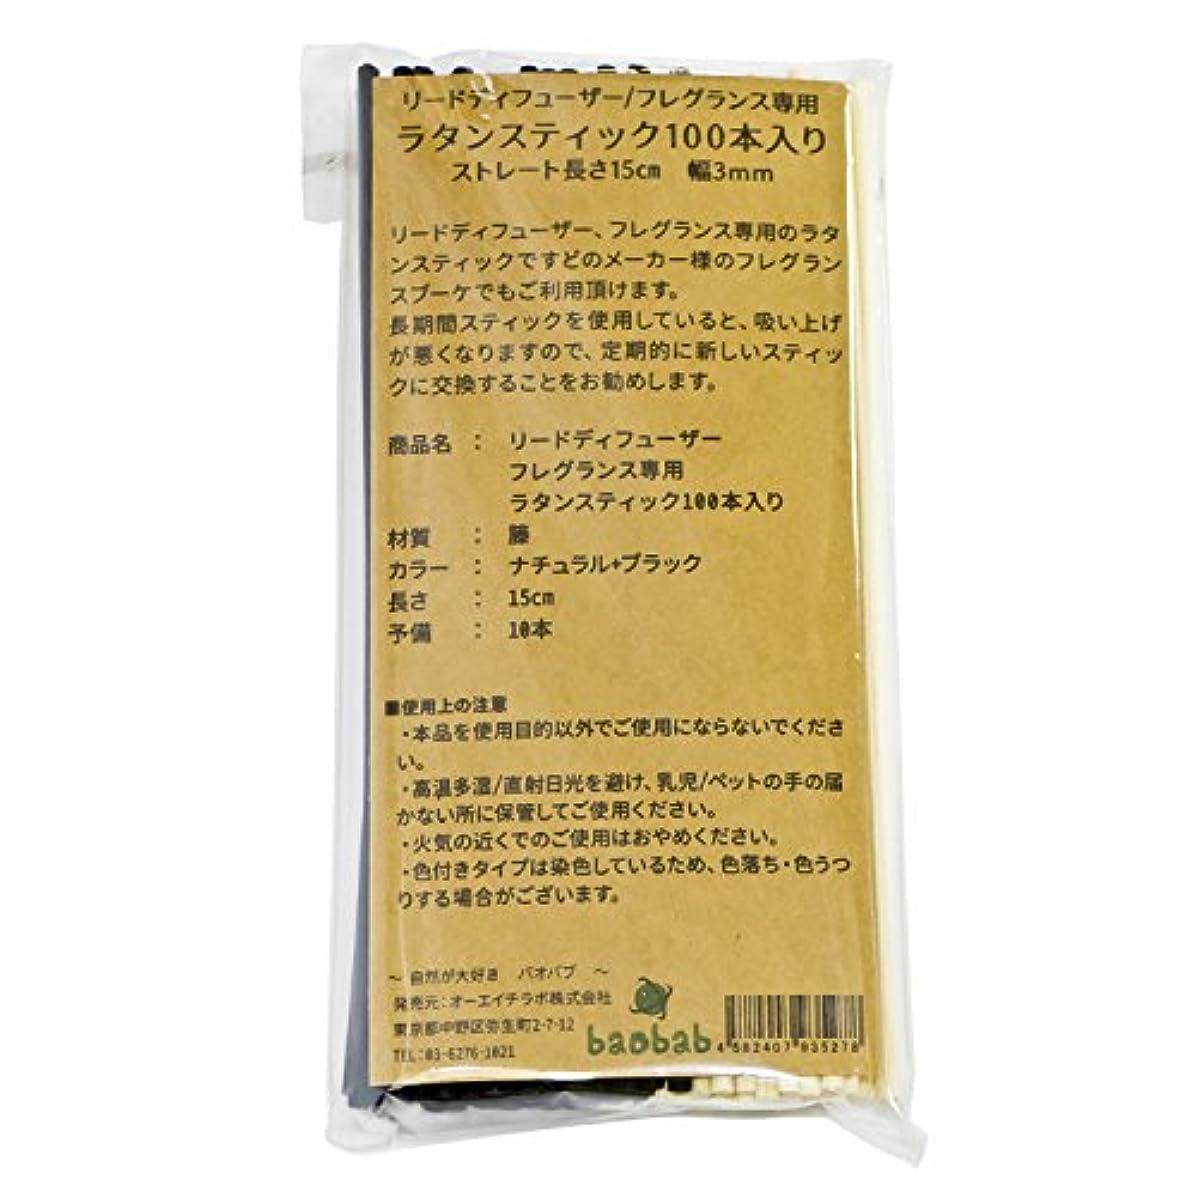 シェーバー漏斗シーサイド[baobab]リードディフューザー用 ラタンスティック/リードスティック リフィル (15cm/100本入) (ナチュラル+ブラック)